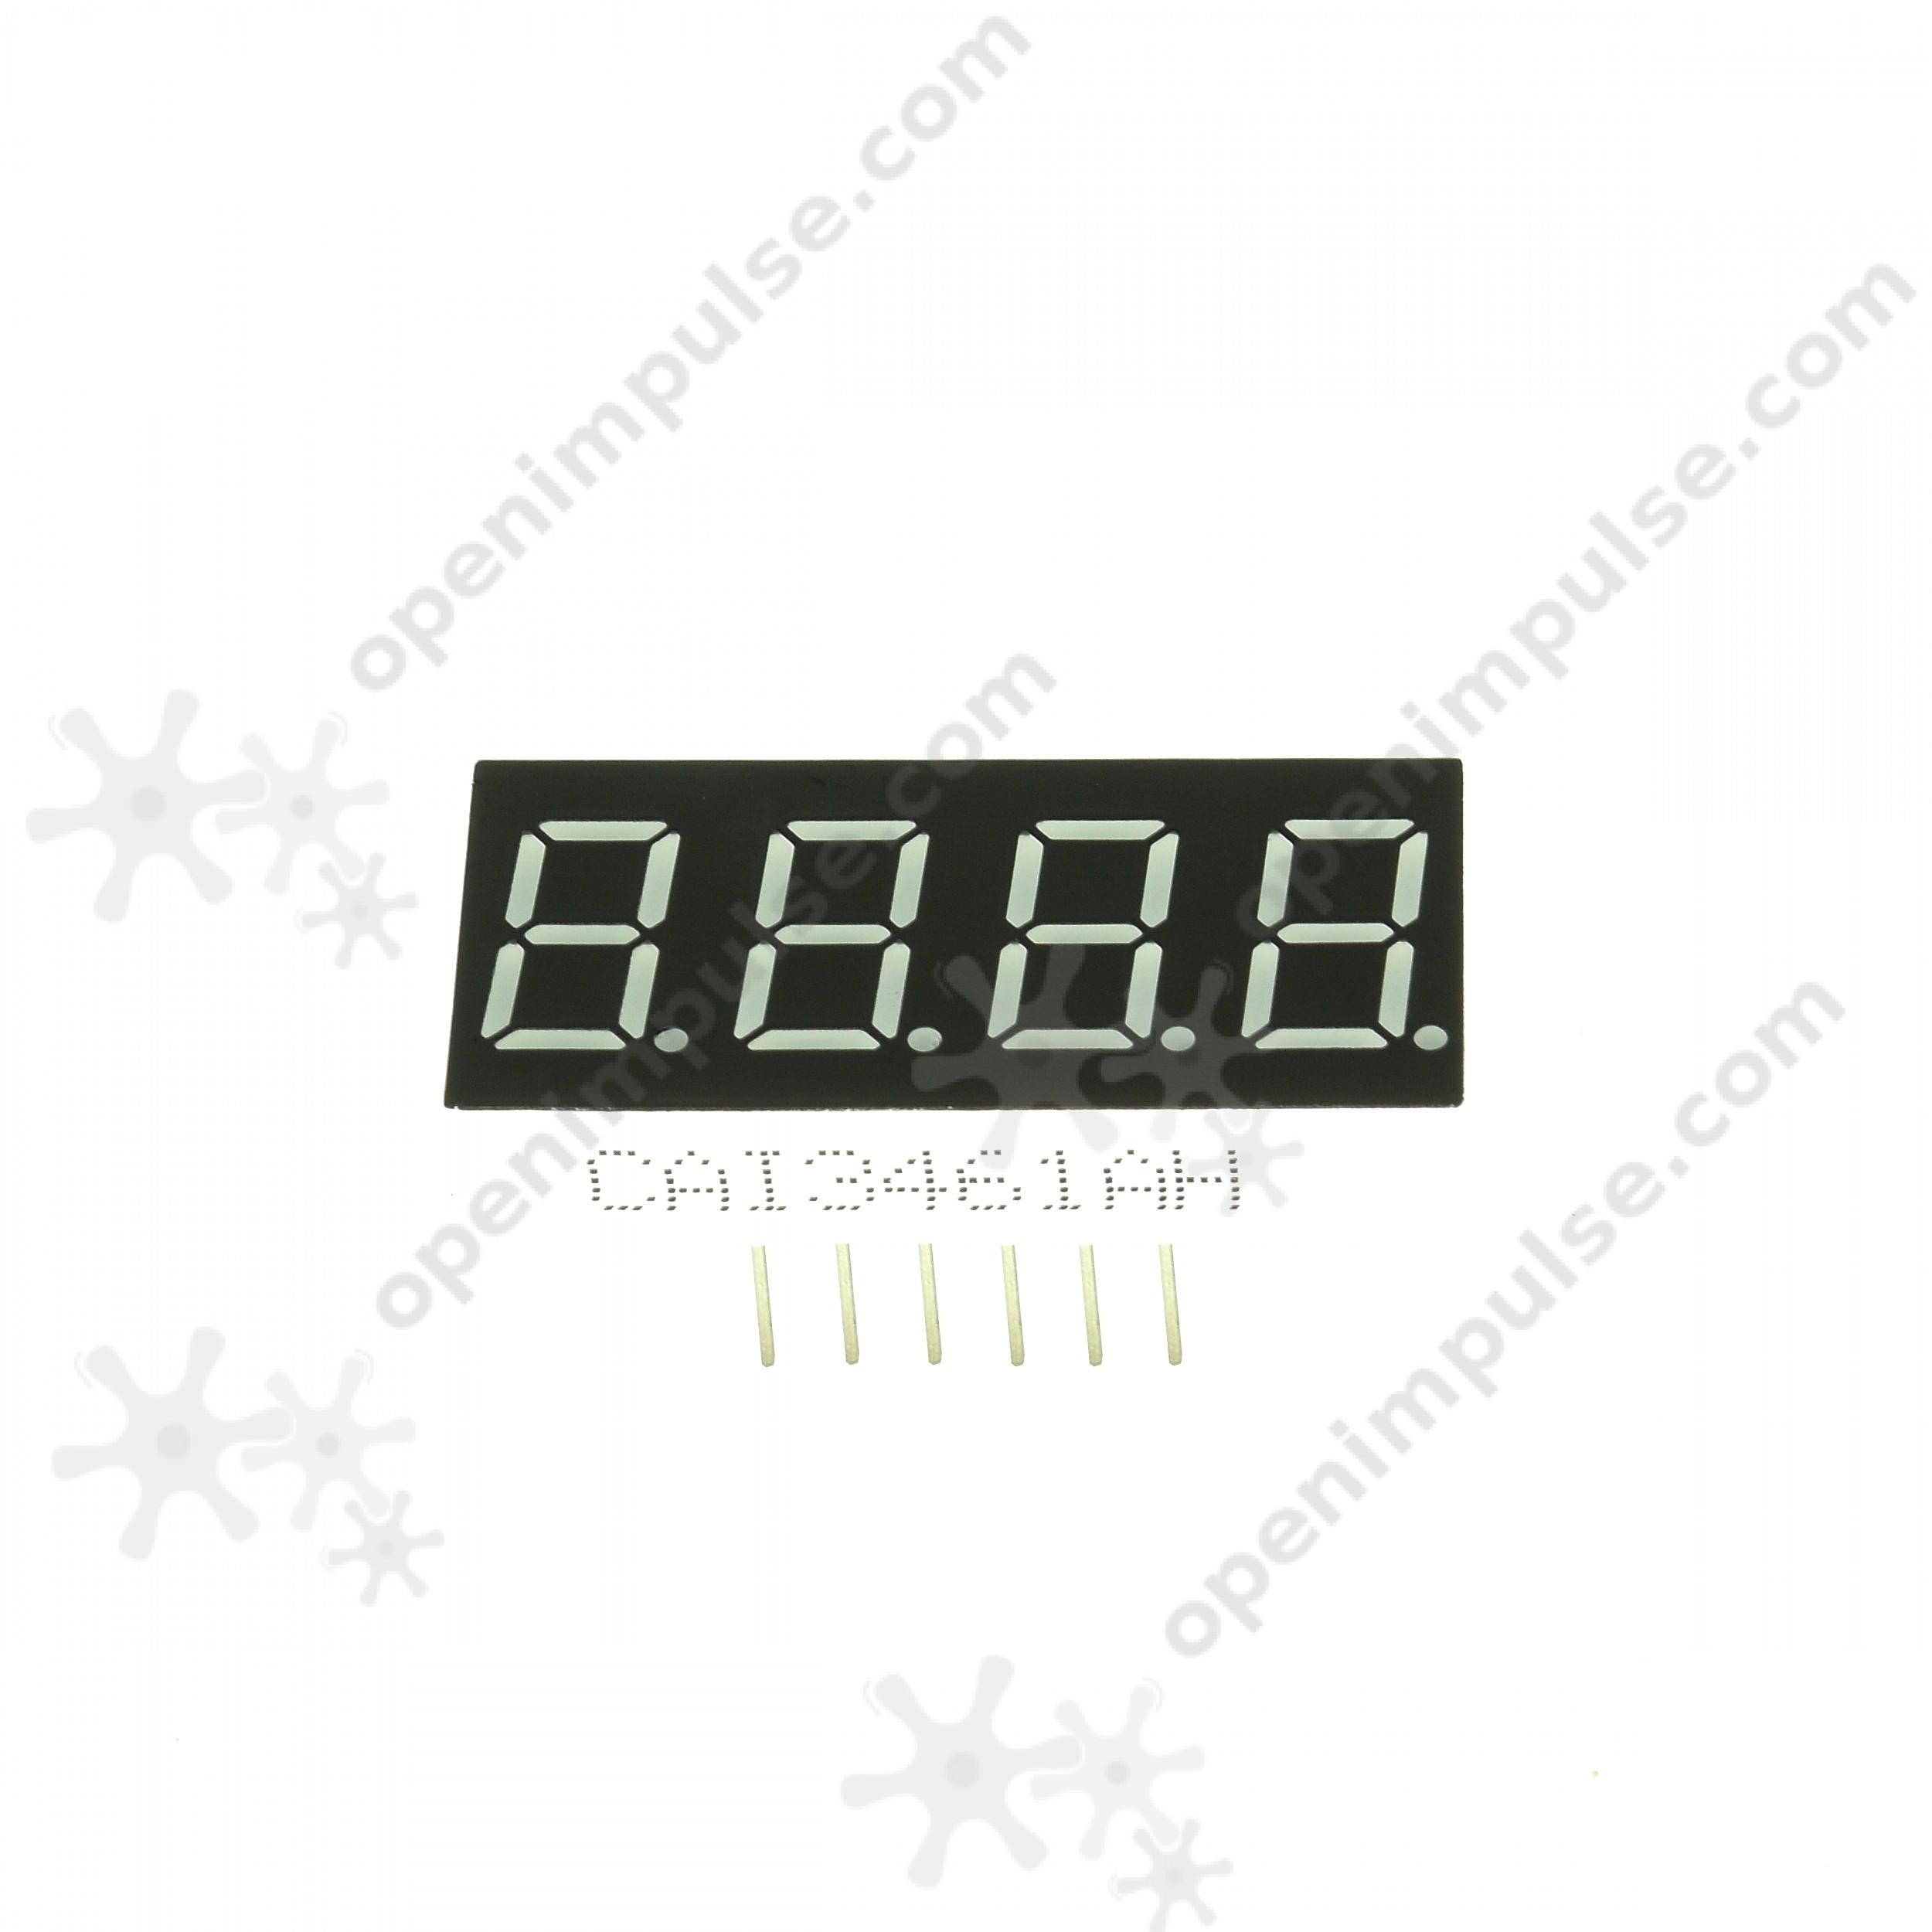 5pcs Digital 0 36 7 Segment Led Display With 4 Digits